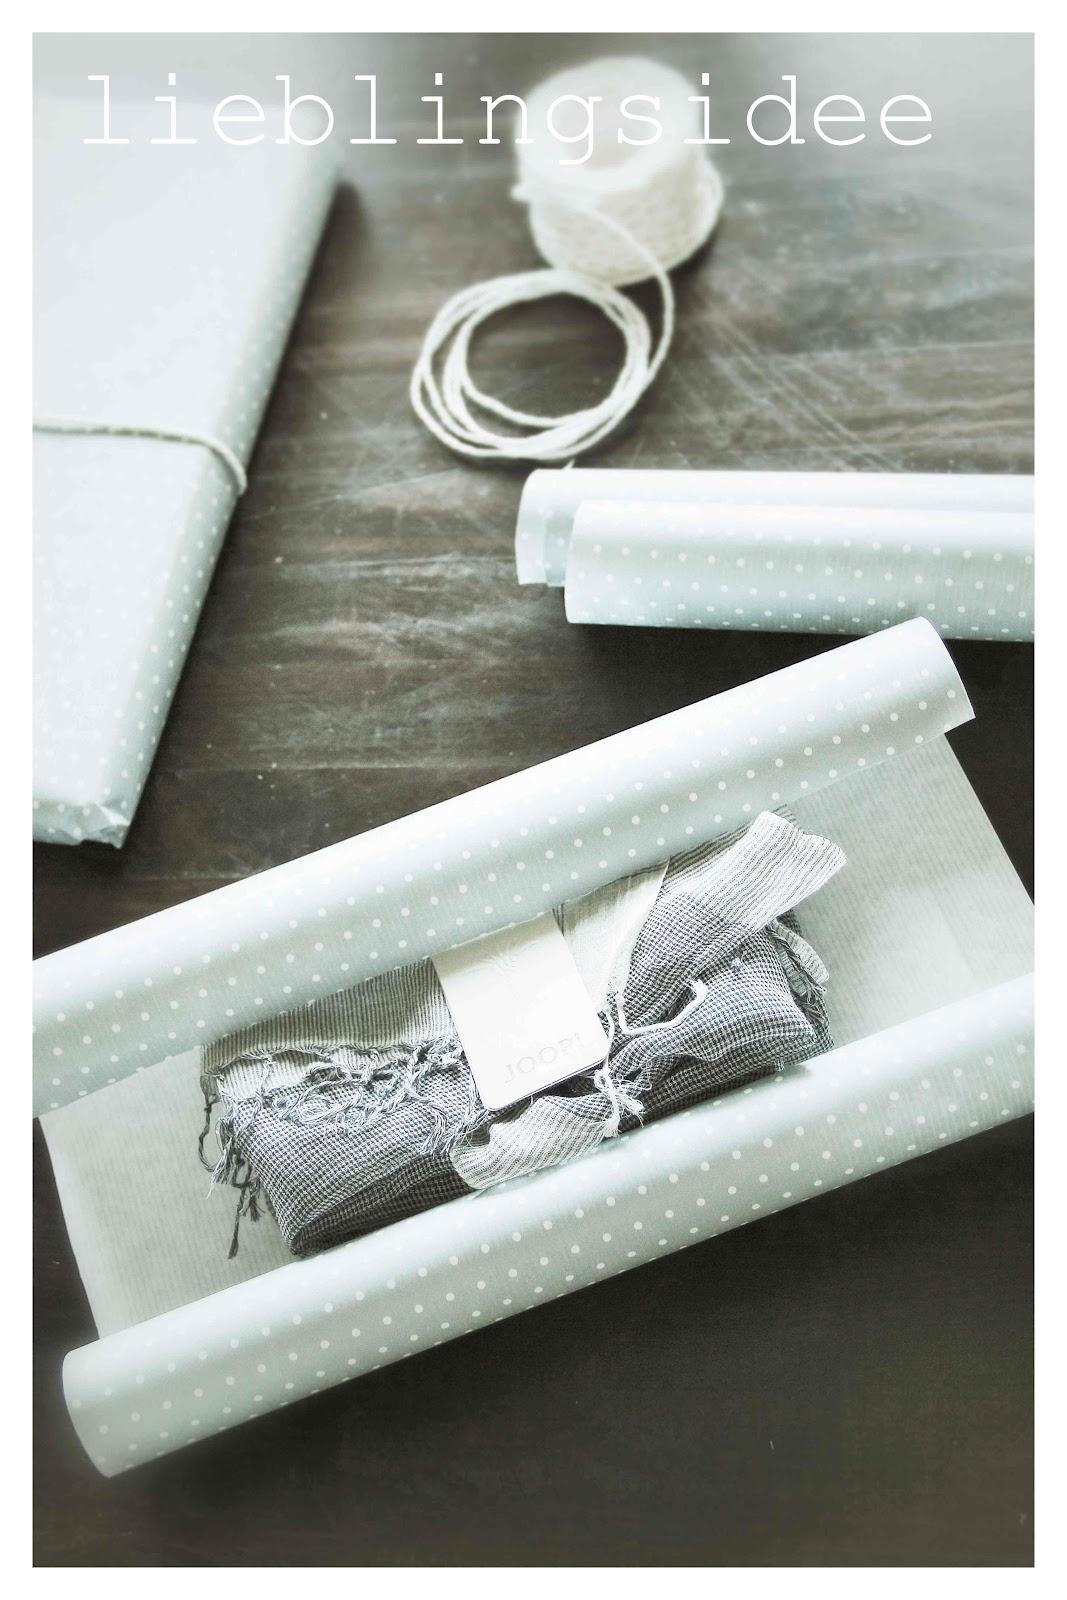 lieblingsidee ein geburtstagsgeschenk f r meinen mann a. Black Bedroom Furniture Sets. Home Design Ideas